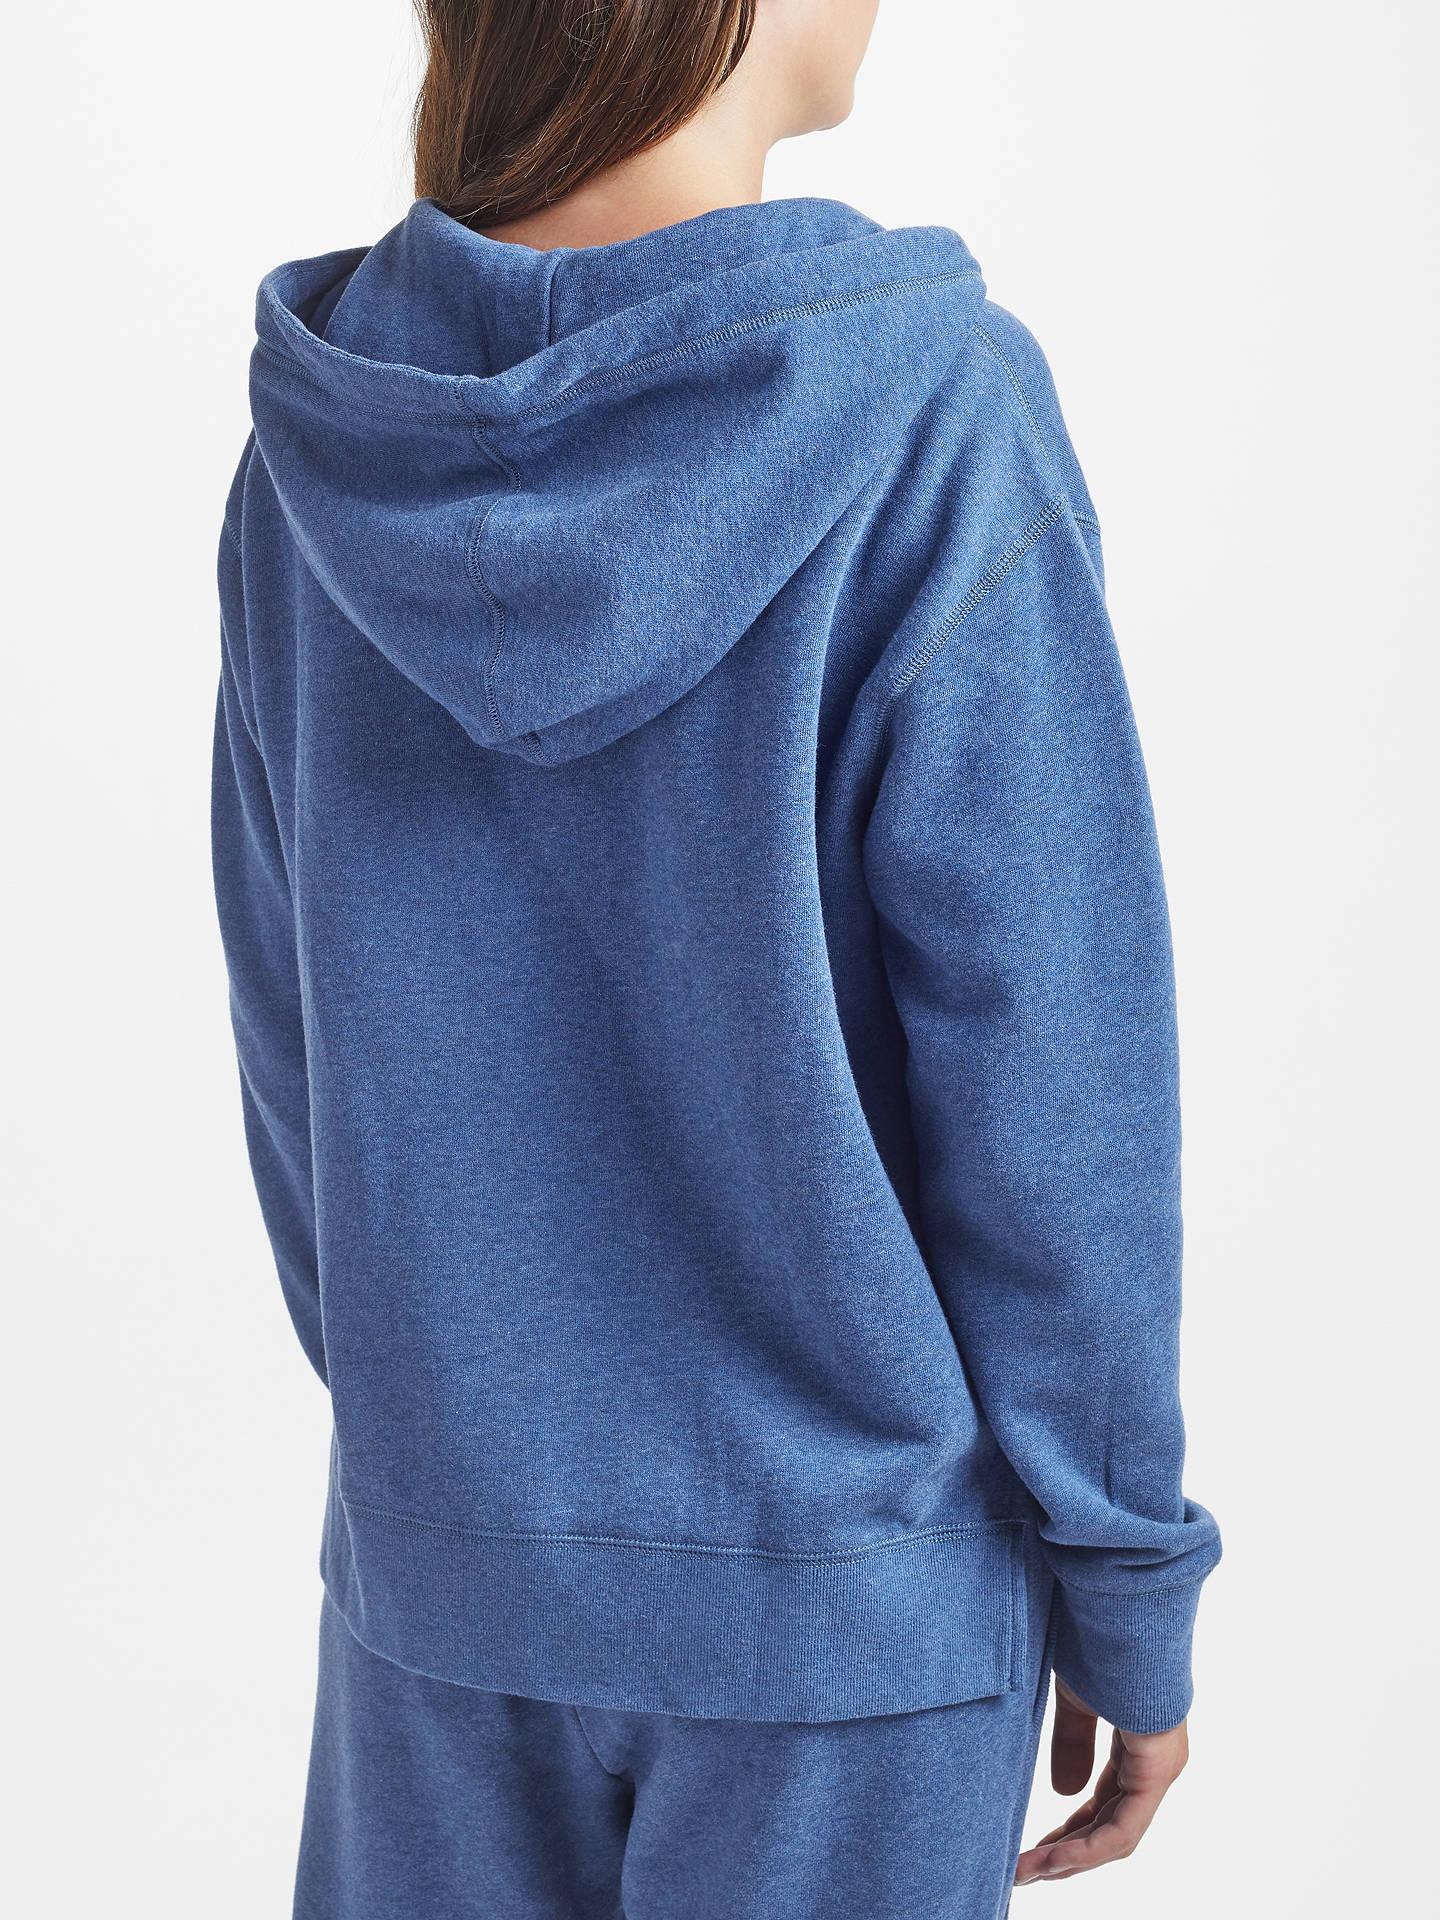 bb17984aee51e ... Buy Polo Ralph Lauren Fleece Full Zip Hoodie